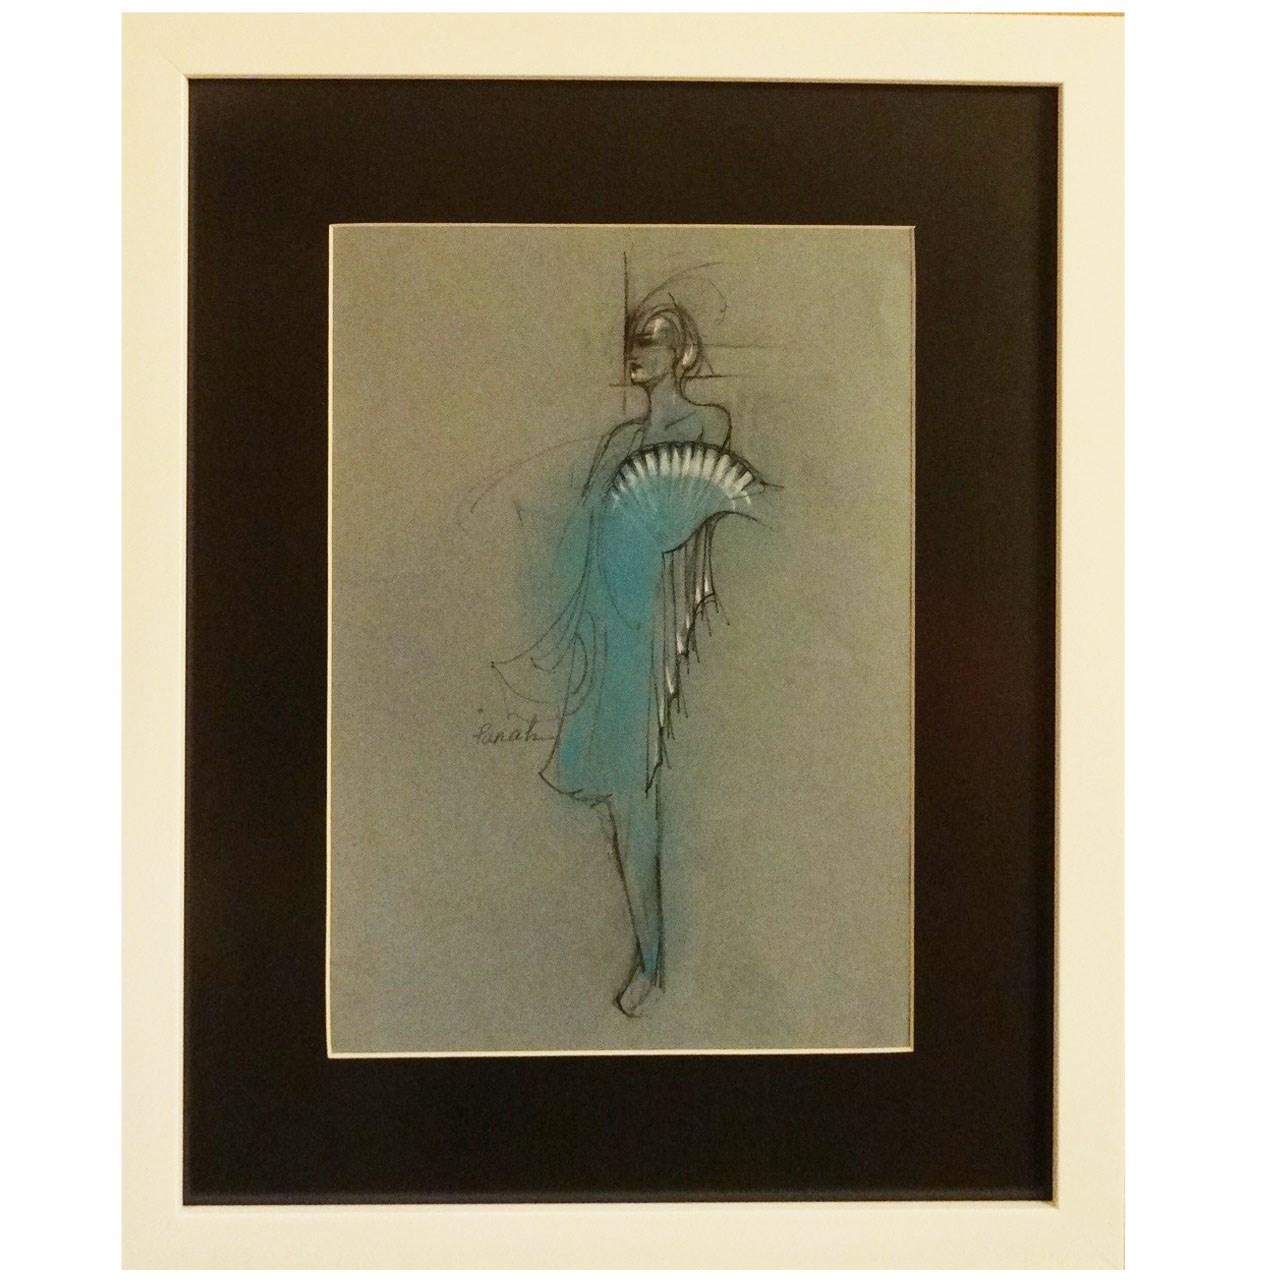 تابلو نقاشی اثر استاد خانم پناه مدل F07 طرح  زن میان آبیها